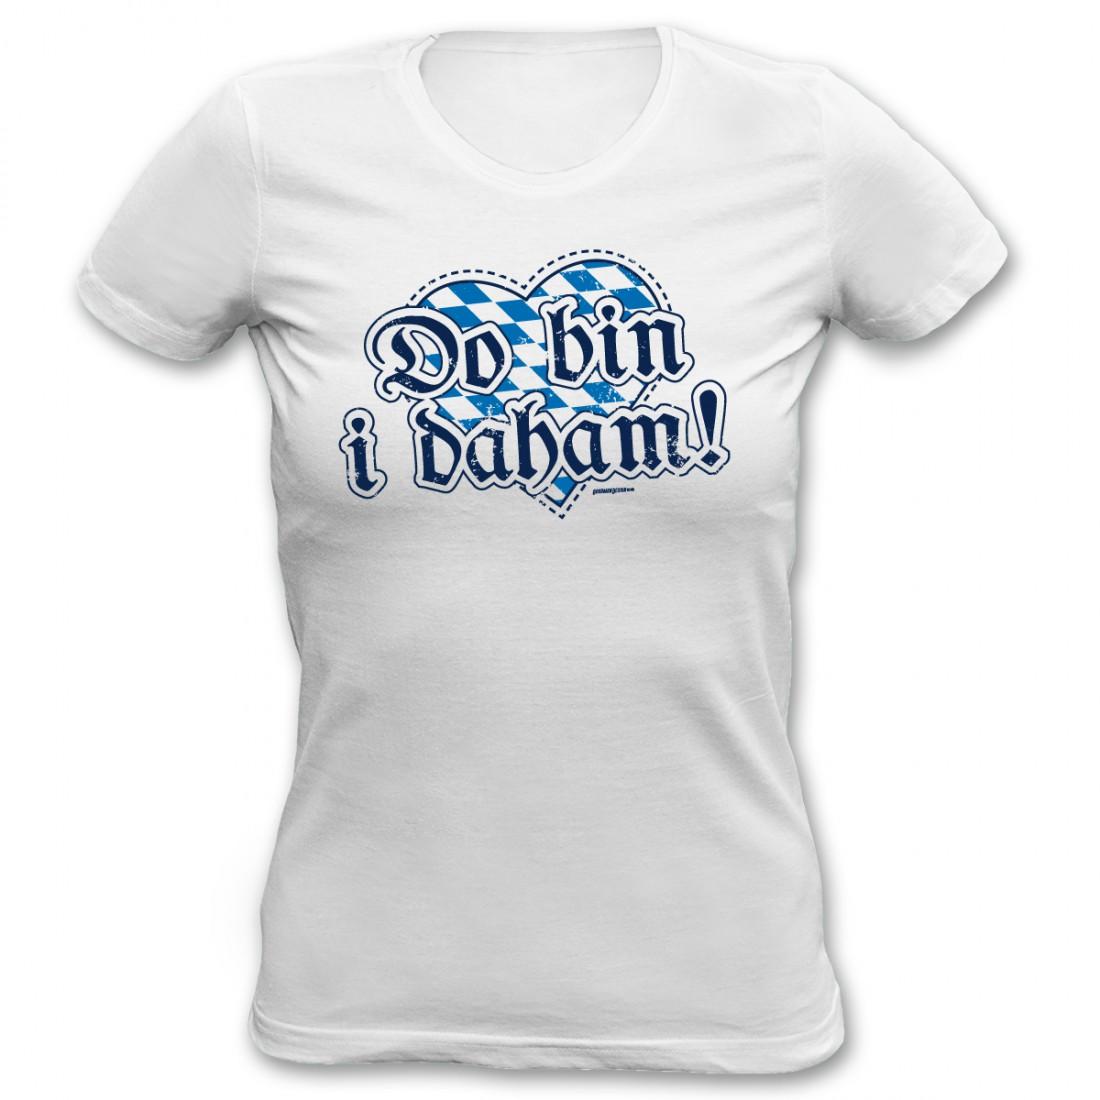 Do Bin Witziges T Daham Damen I Geschenk Bayerisch Shirt Mädchen rexodWQBEC